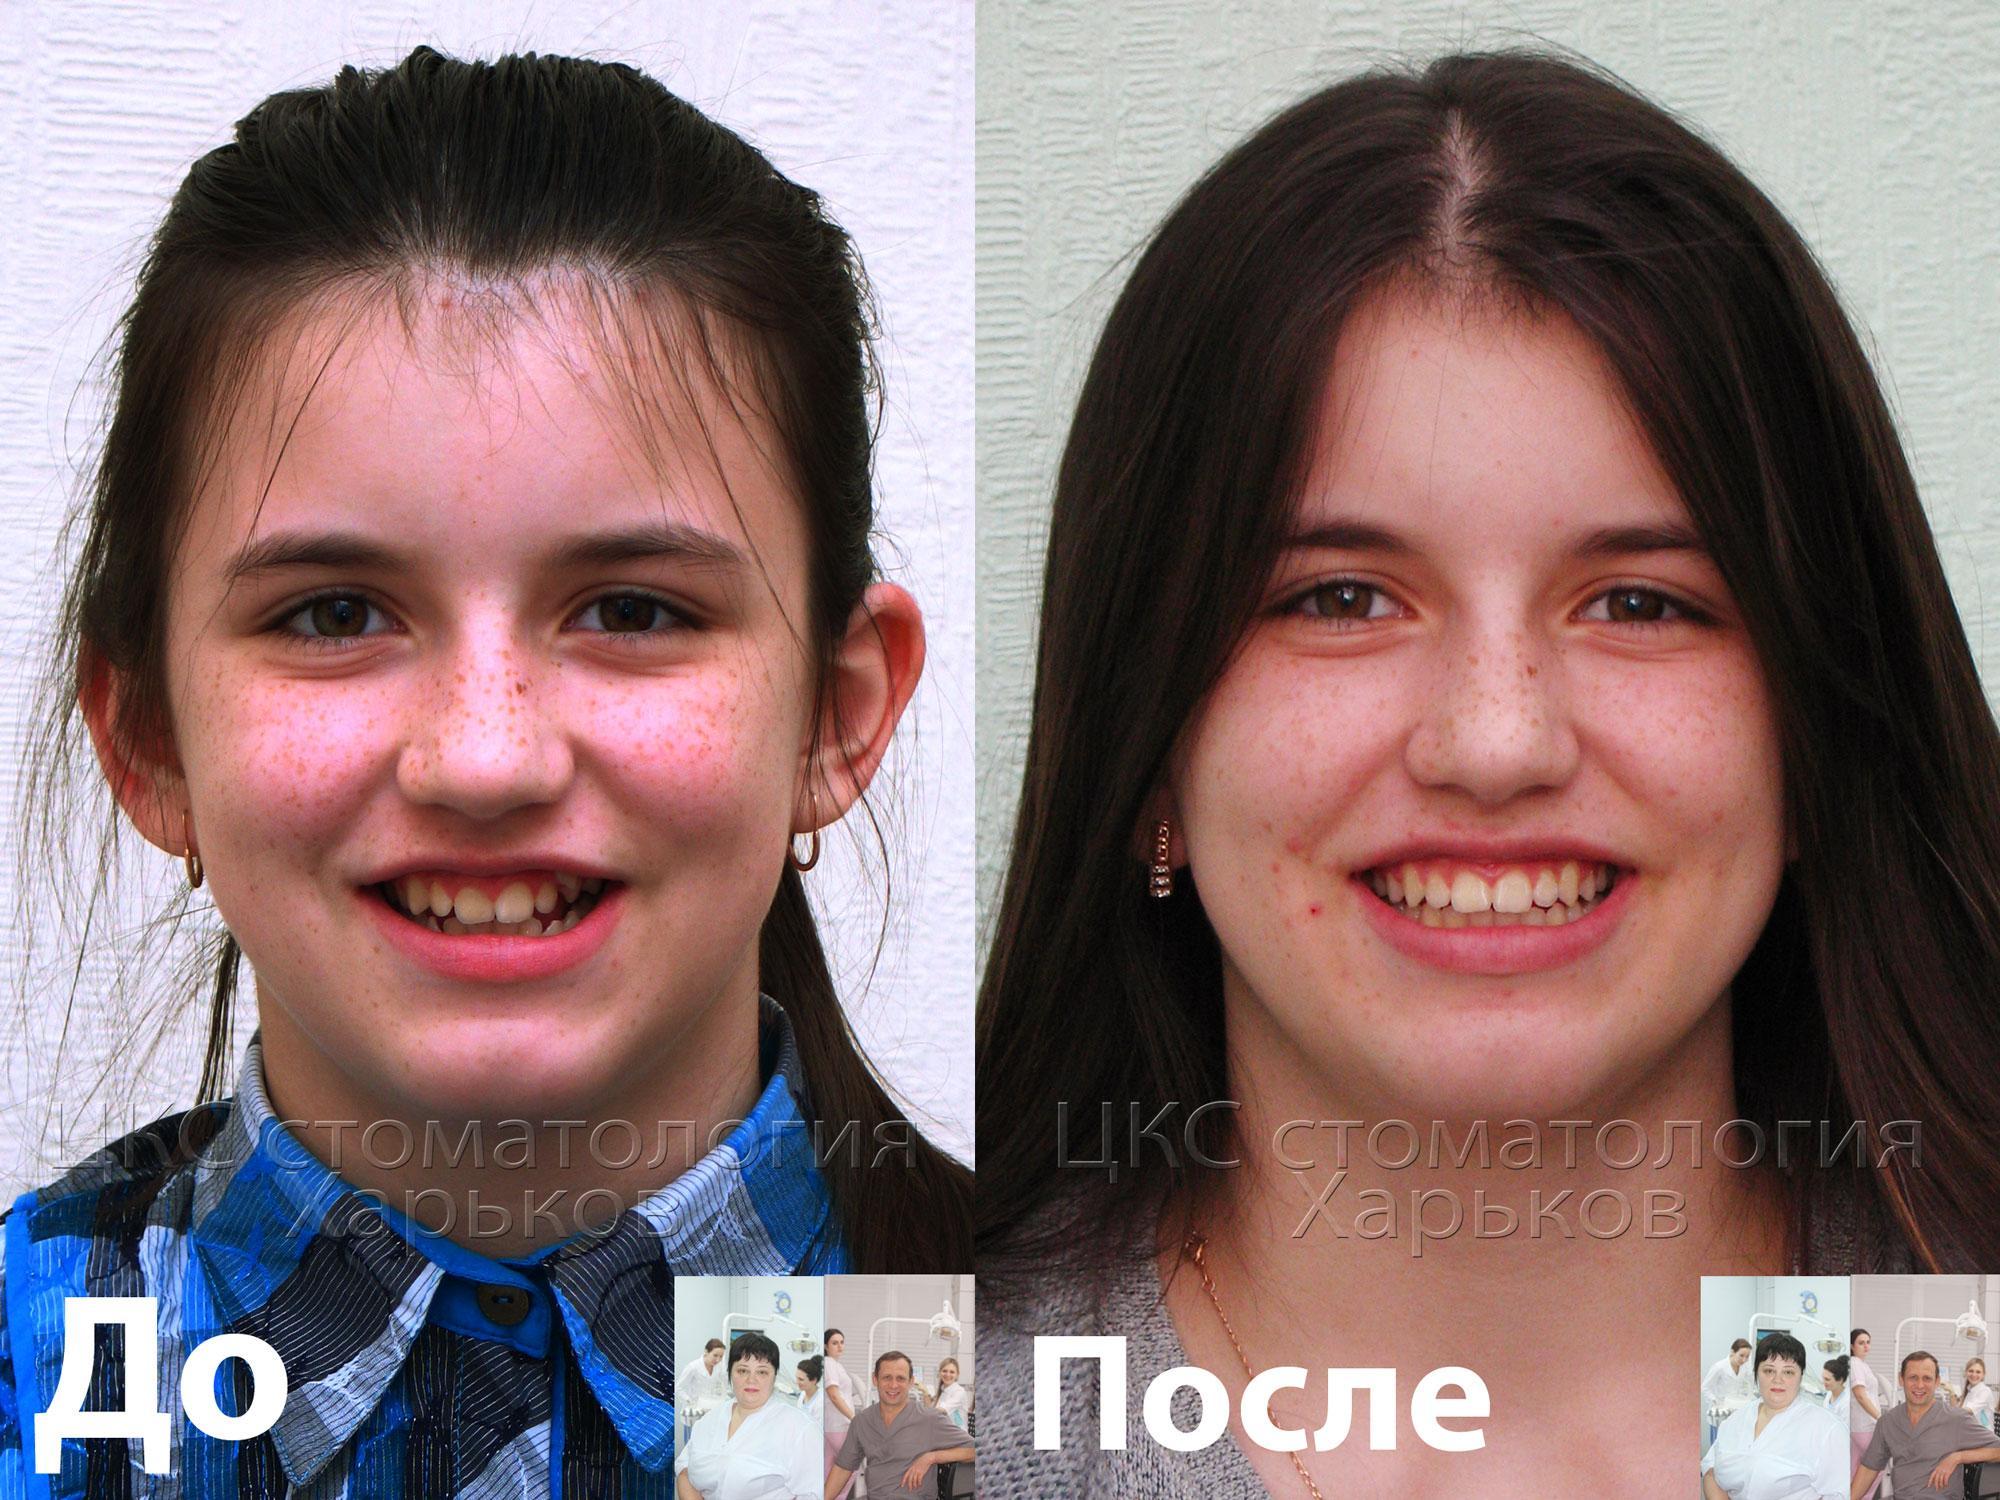 Лечение брекетами. Фото улыбки до и после